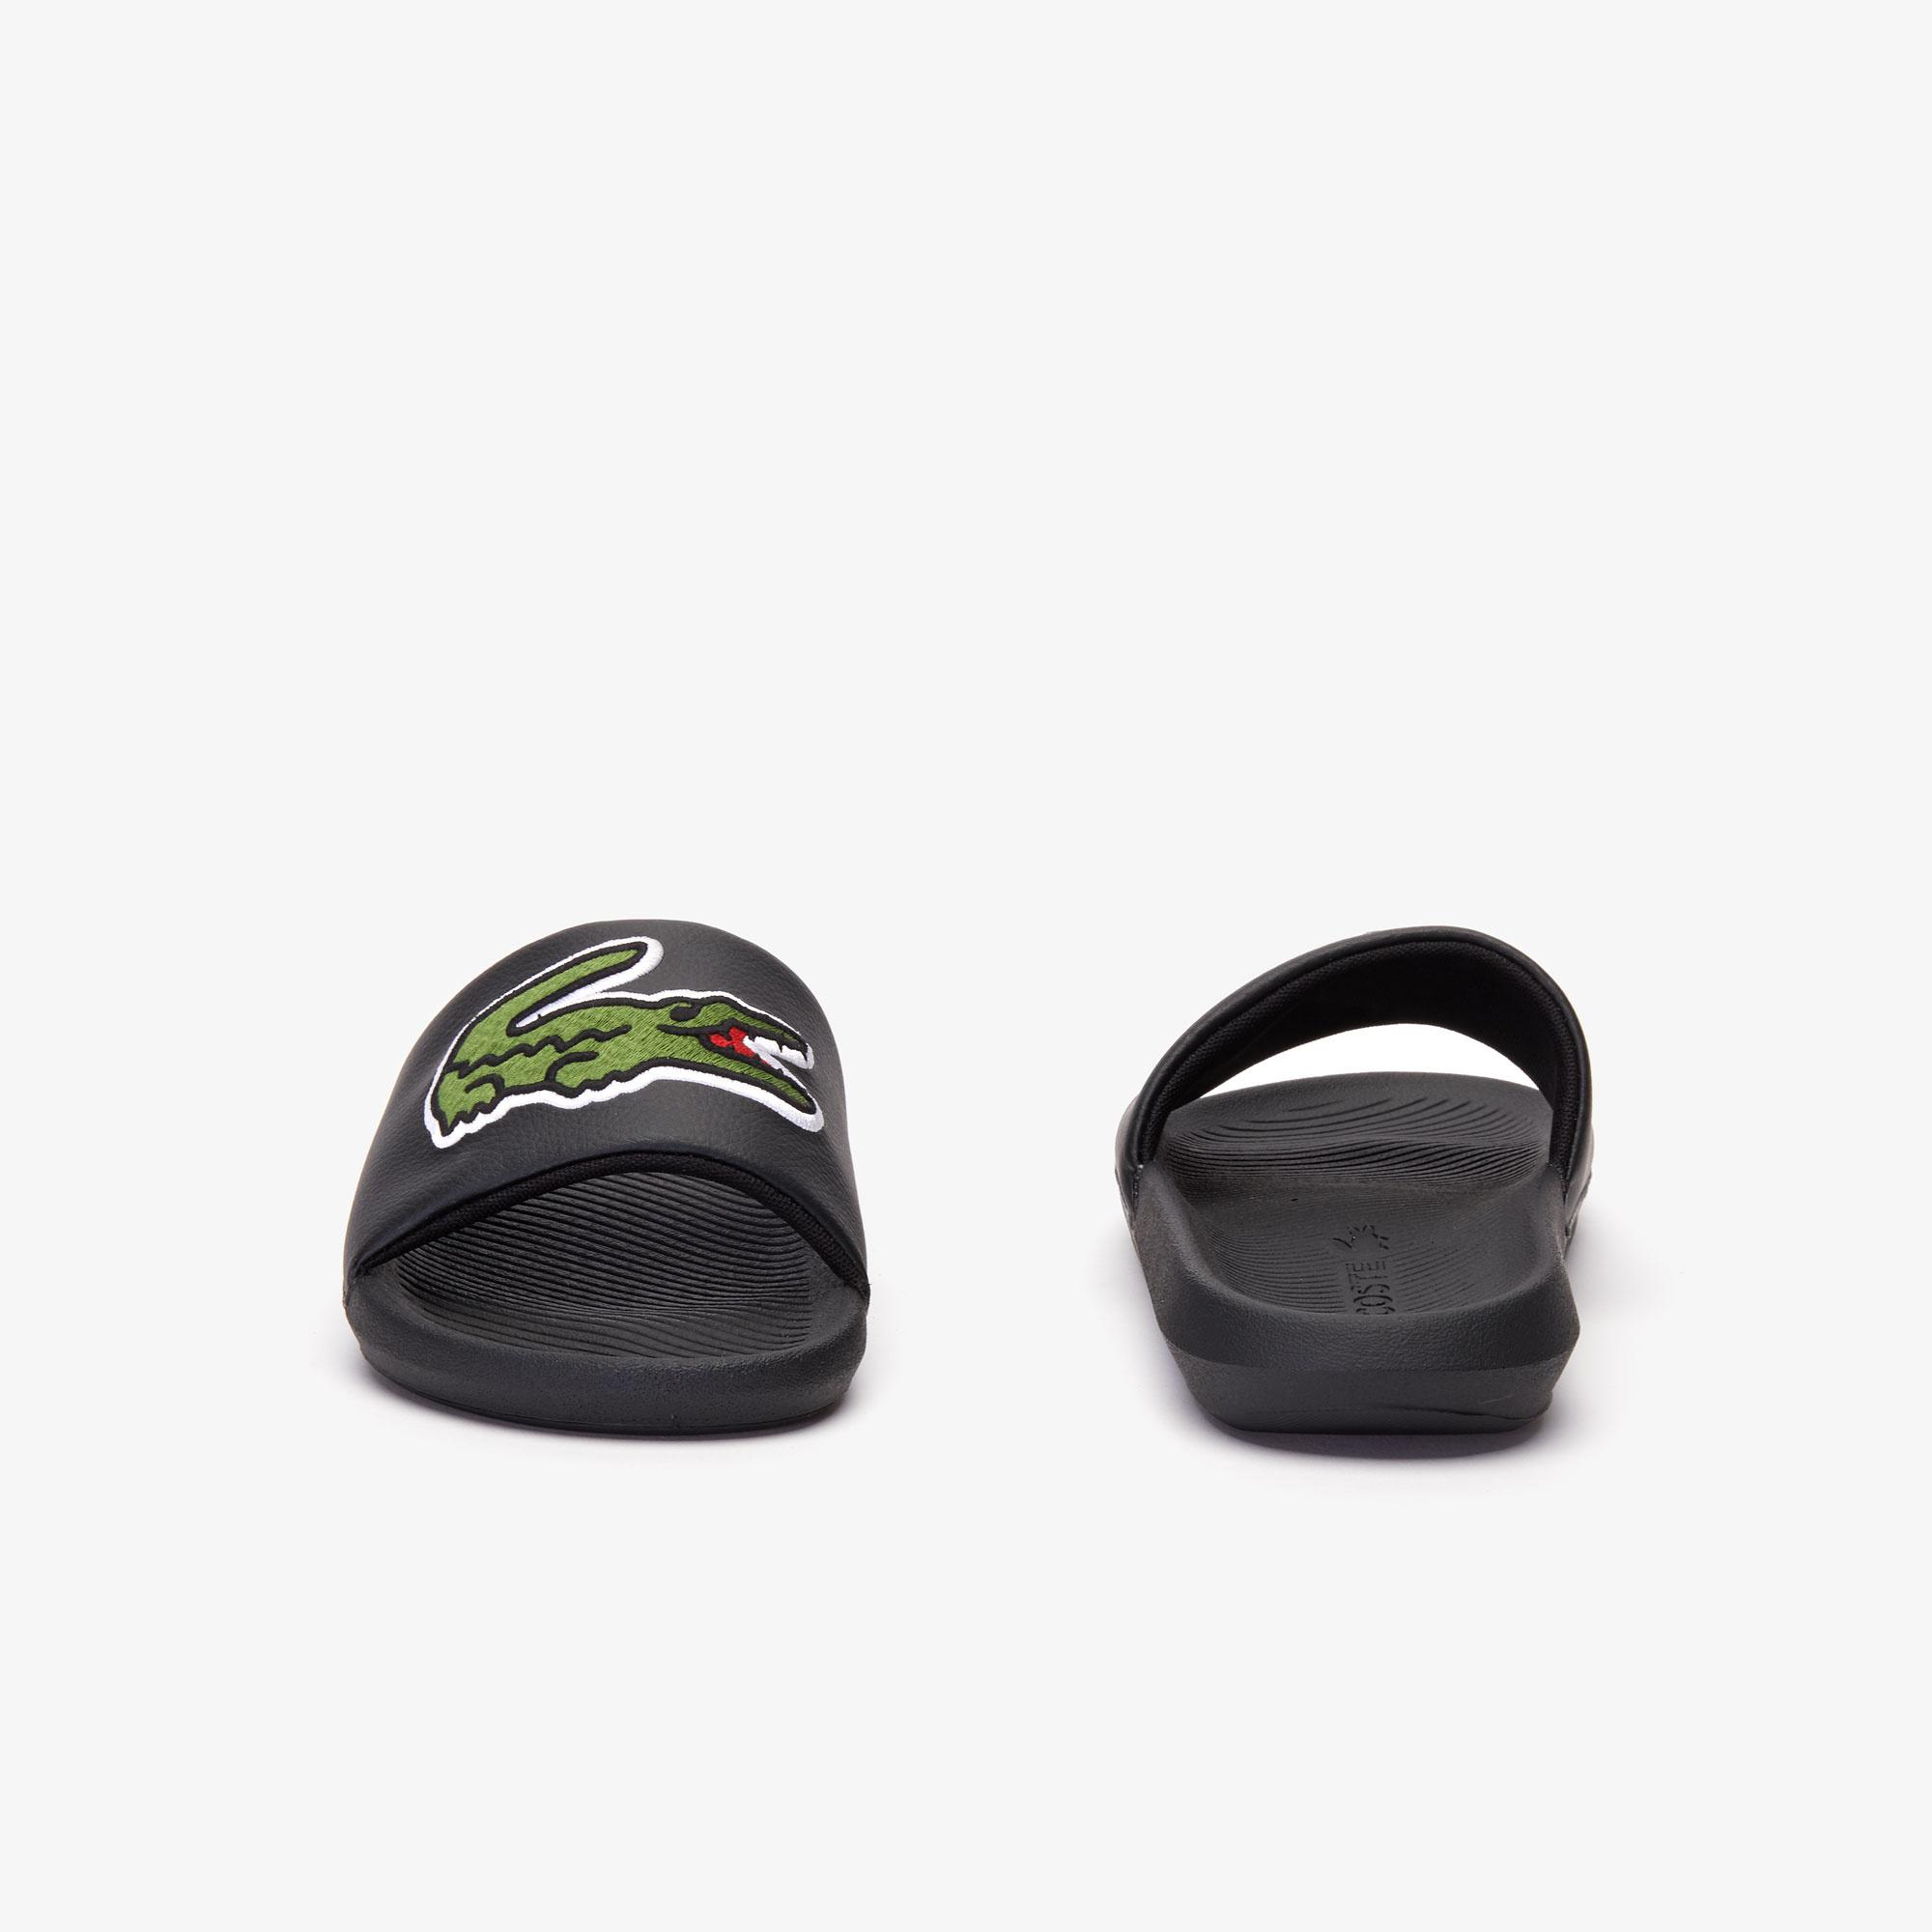 Croco Slide Zwart / Groen